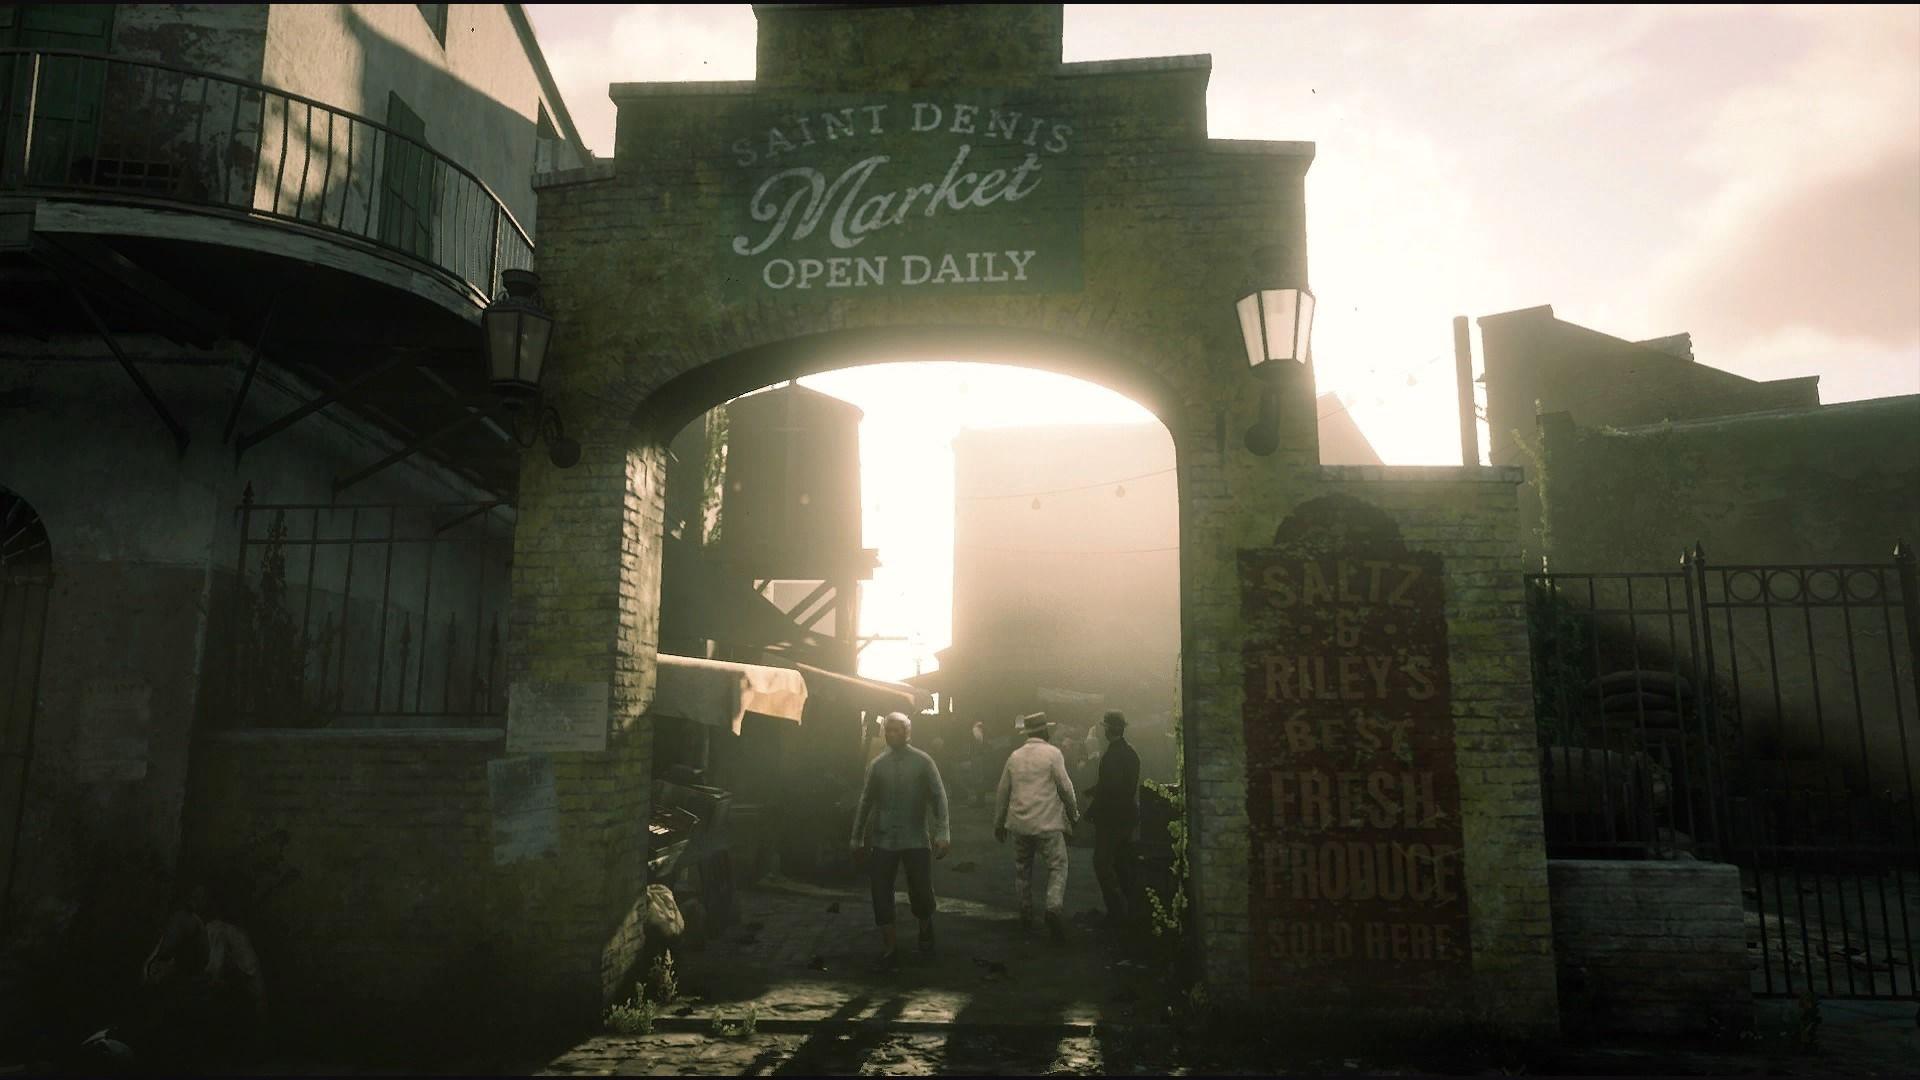 Saint Denis Market Saint Denis Photo Cultural Capital